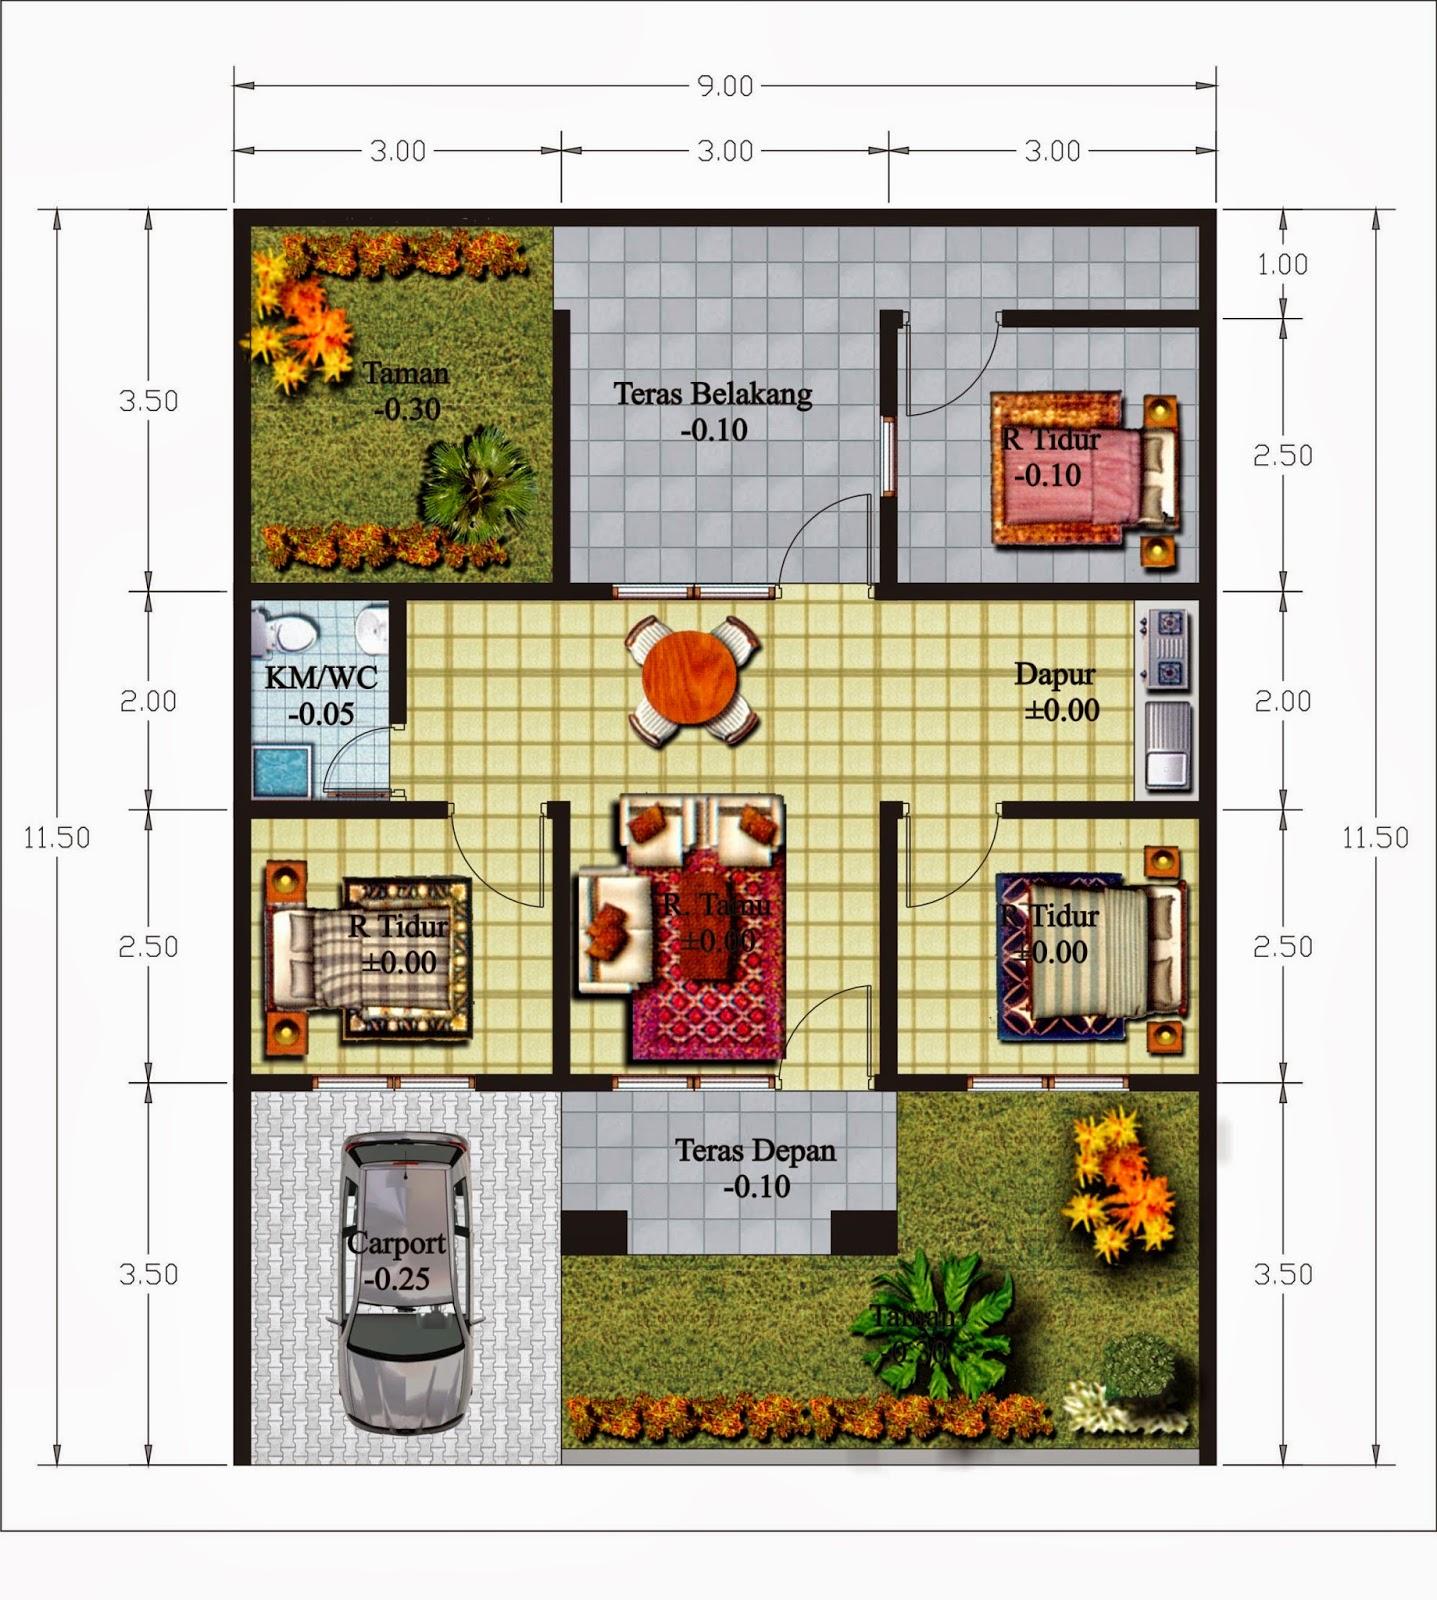 10 gambar contoh denah rumah minimalis modern desain